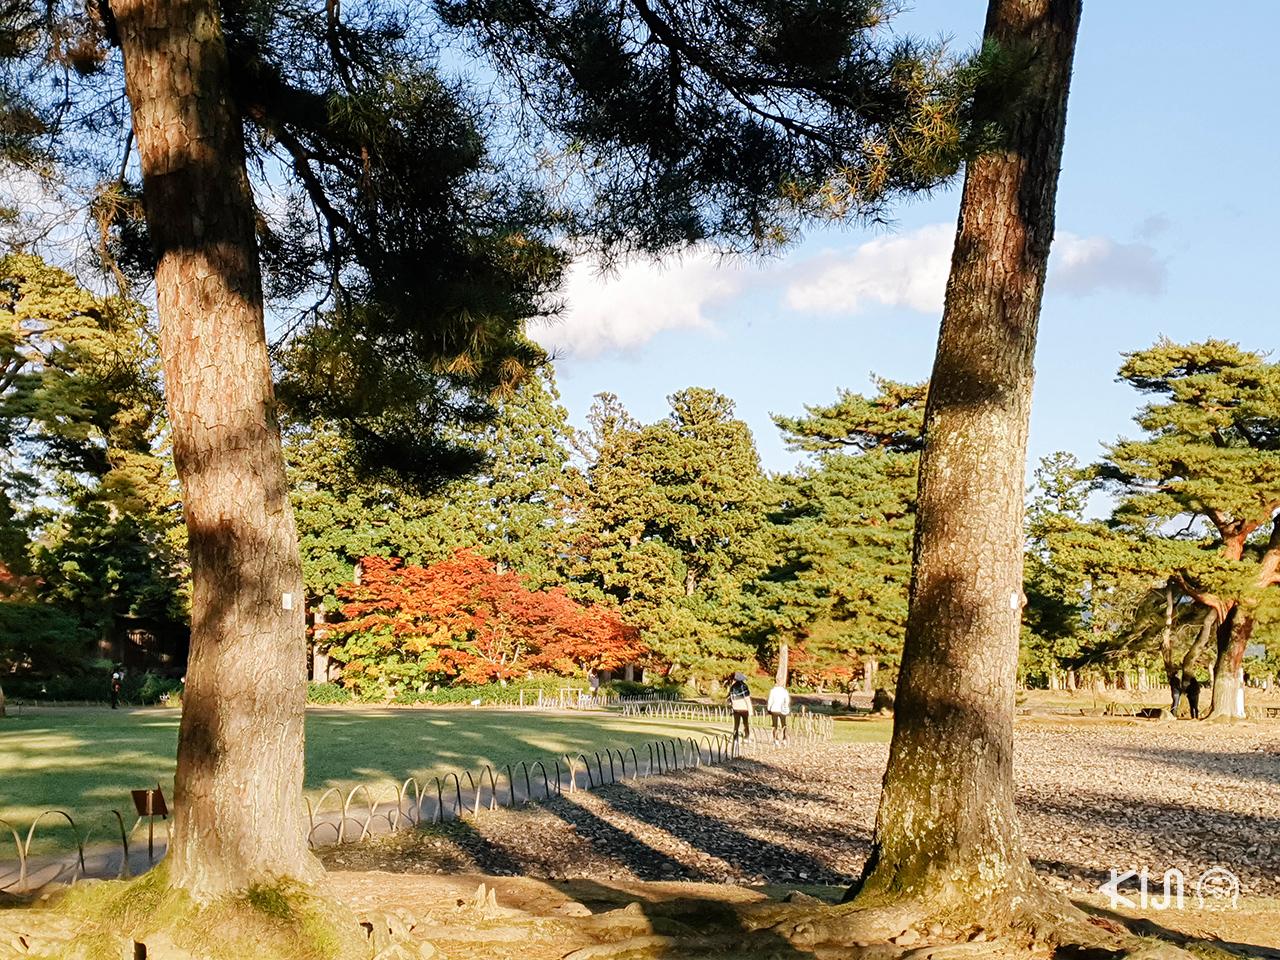 Motsuji Temple, โทโฮคุ กับ บรรยากาศ ใบไม้เปลี่ยนสี